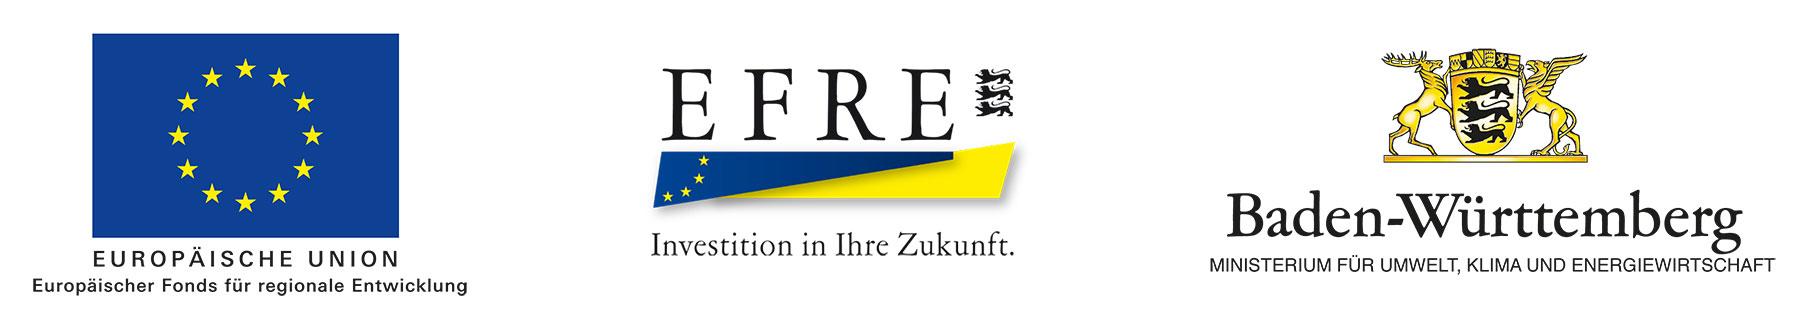 Gefördert von der Europäischen Union und dem Land Baden-Württemberg.